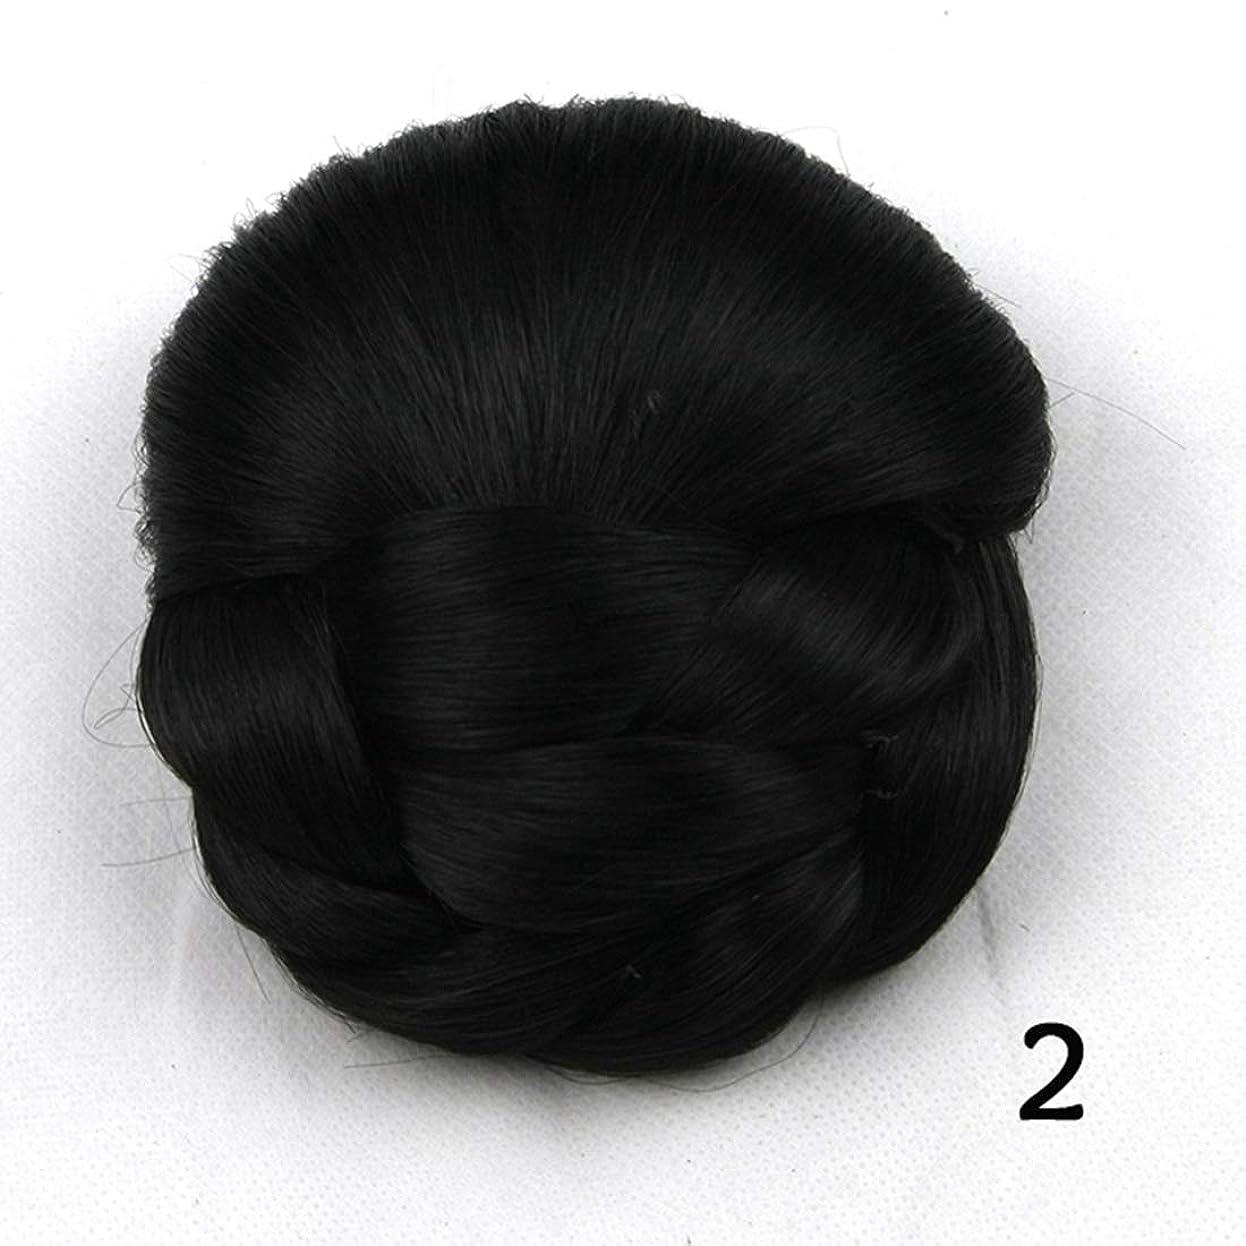 価格モデレータ管理するJIANFU レディースヘアブンフラワーヘッドピースドーナツポニーテール (Color : Color 2)